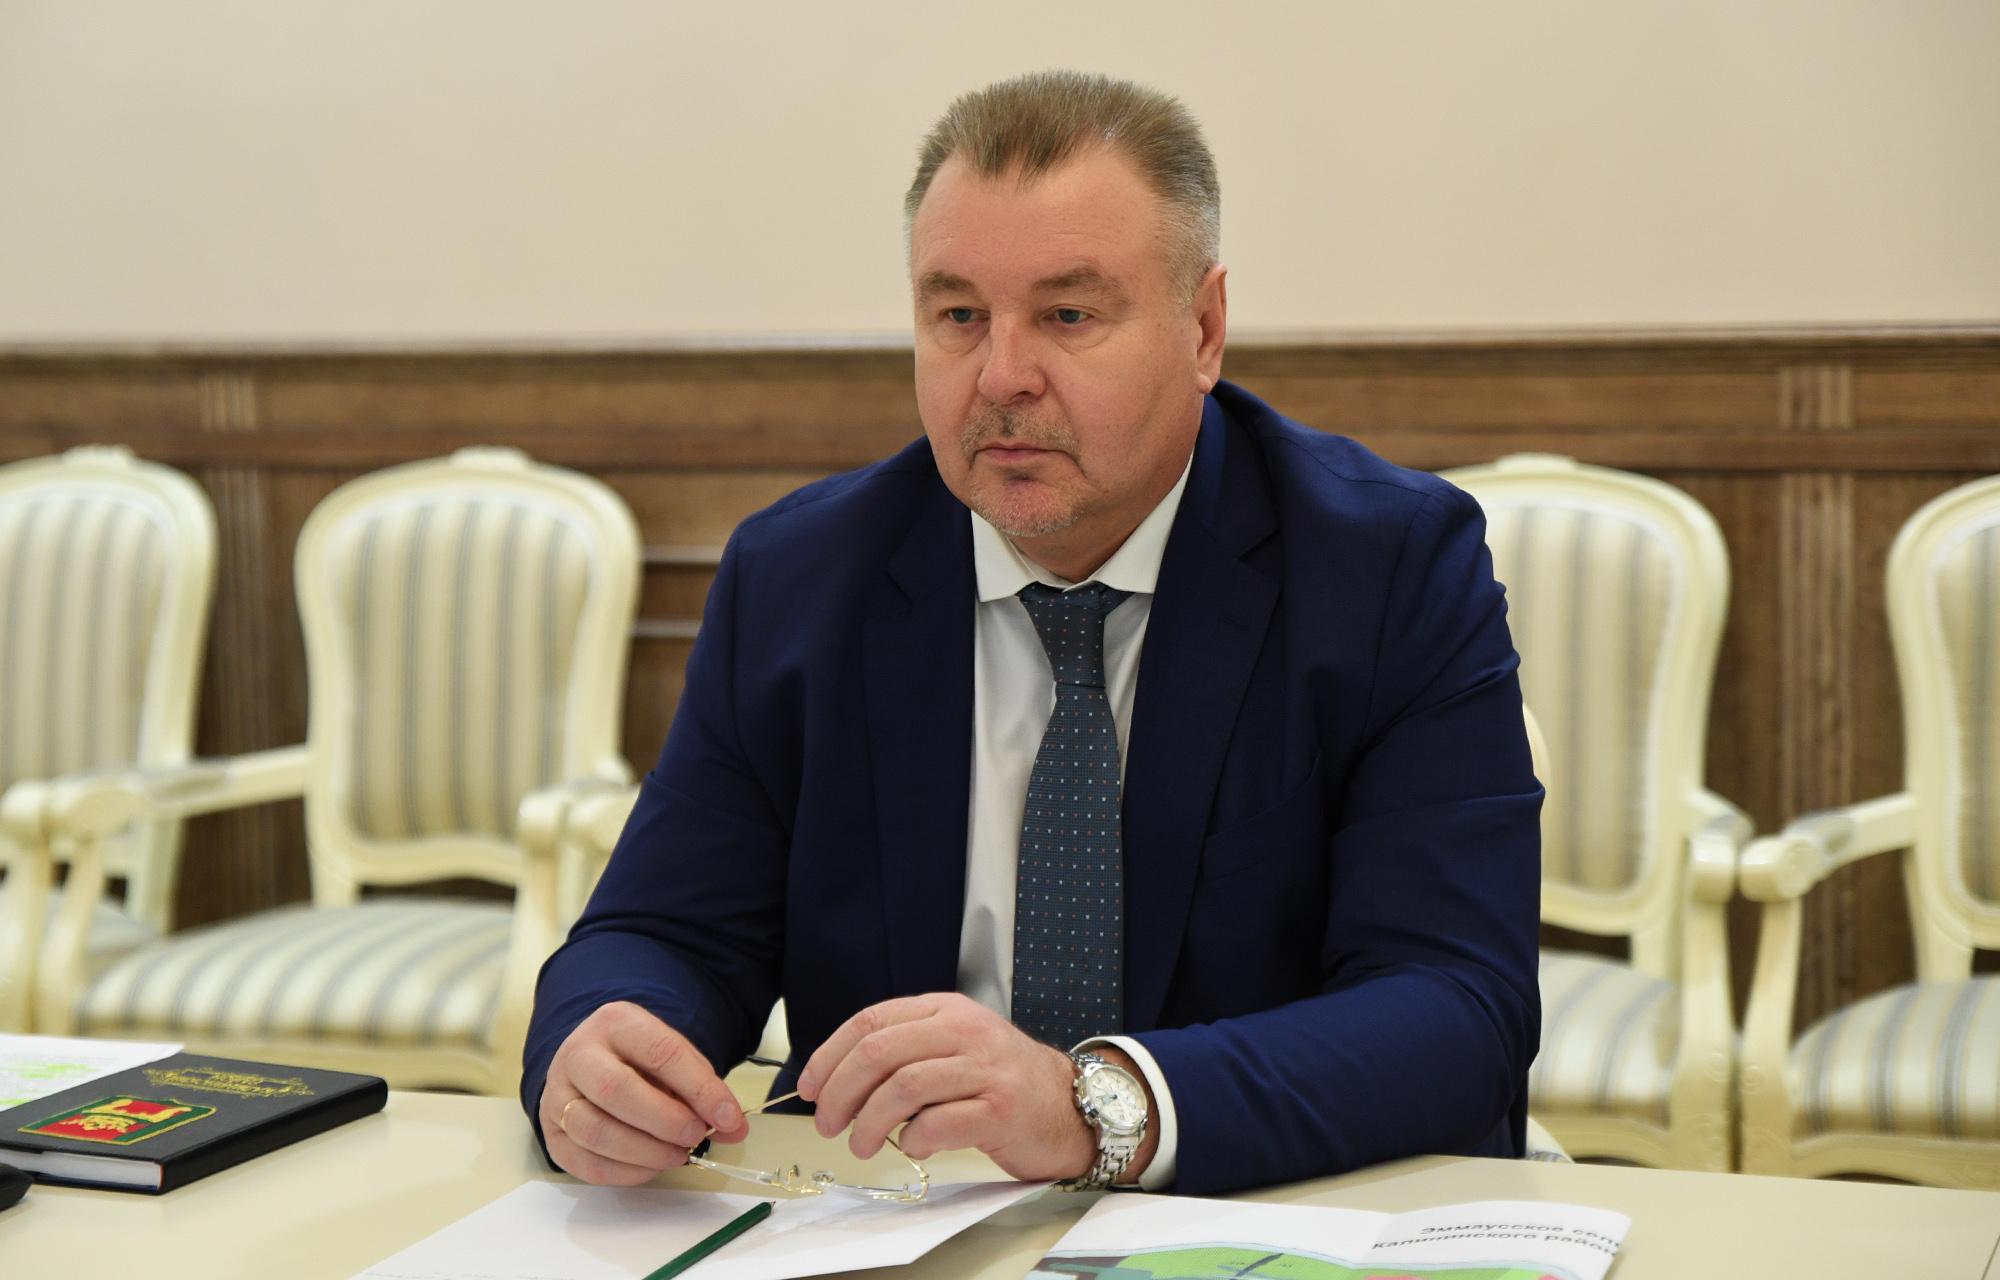 Андрей Зайцев: форум даёт энергию для развития Тверской области